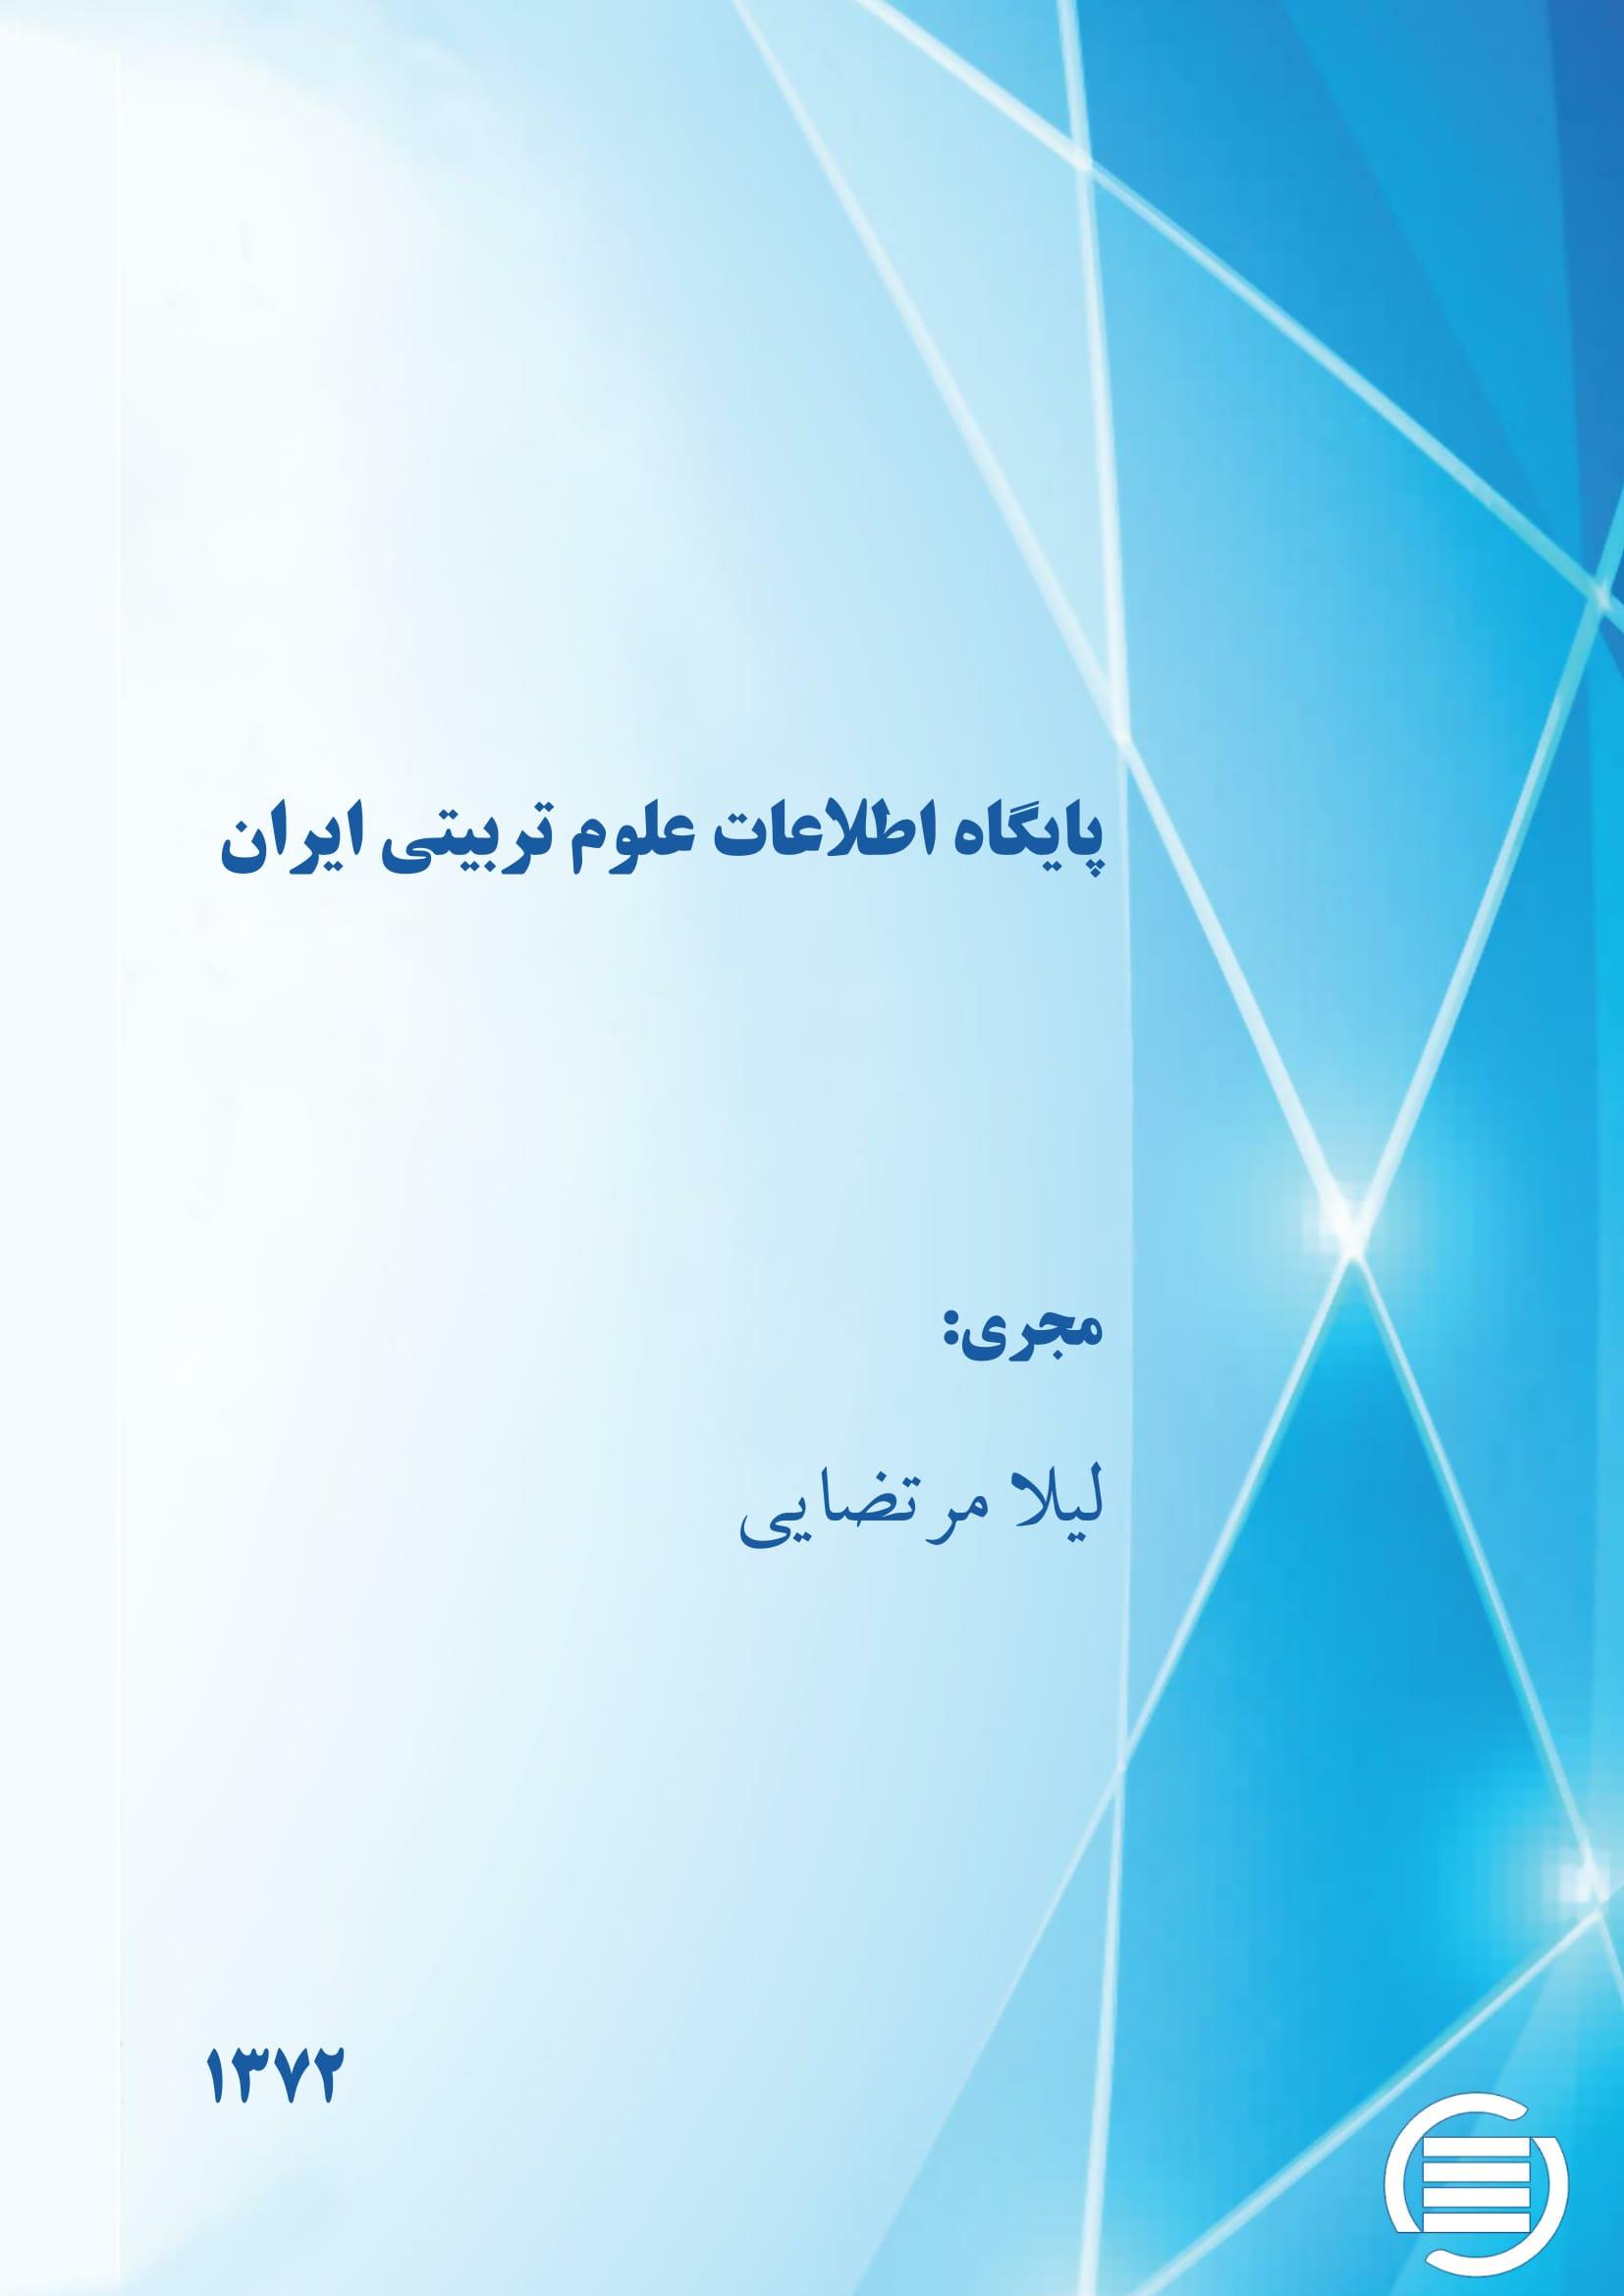 پایگاه اطلاعات علوم تربیتی ایران